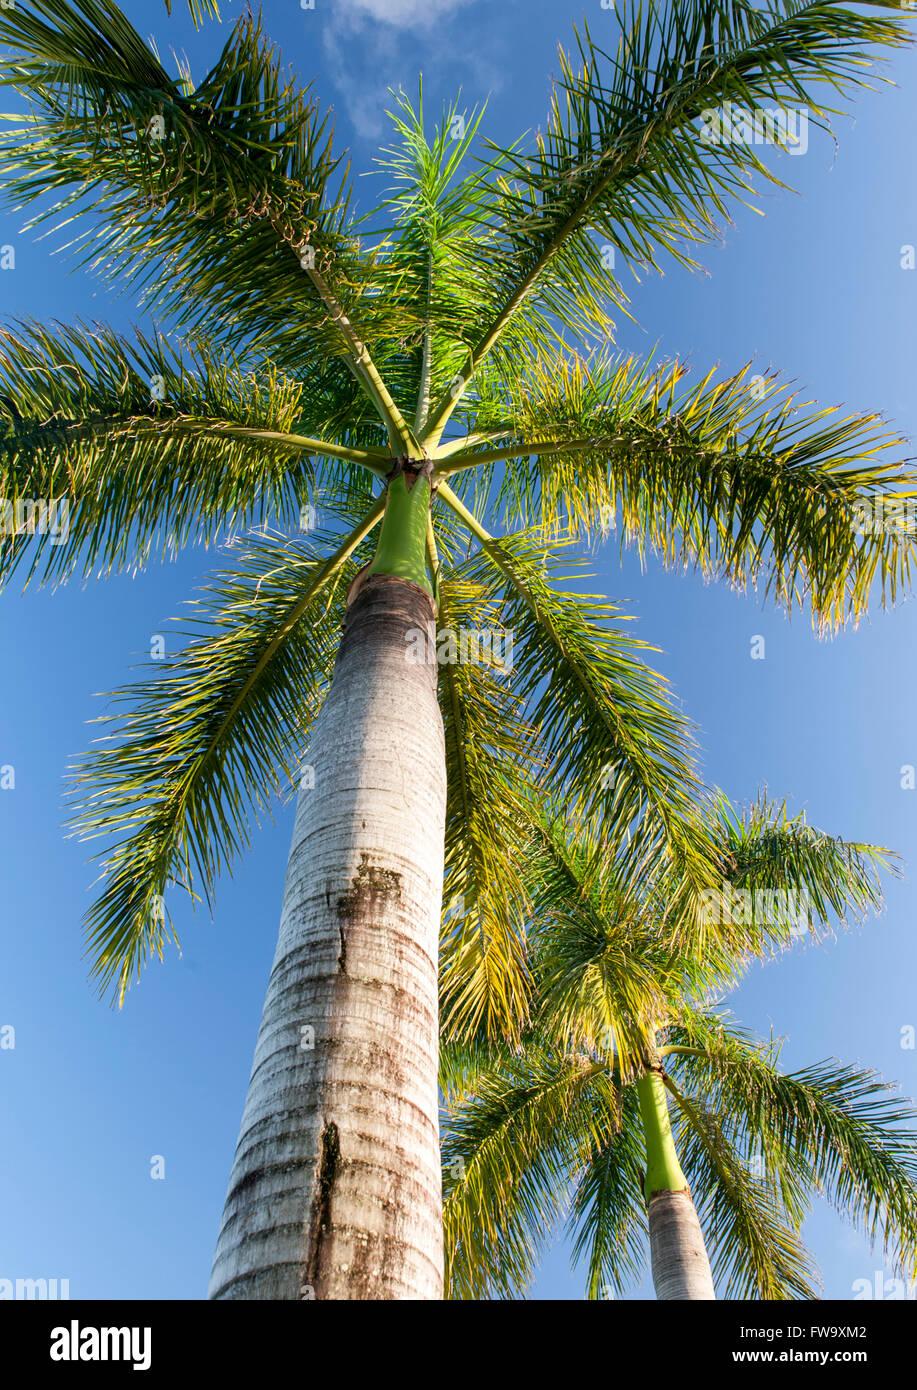 palmier de l'ile maurice